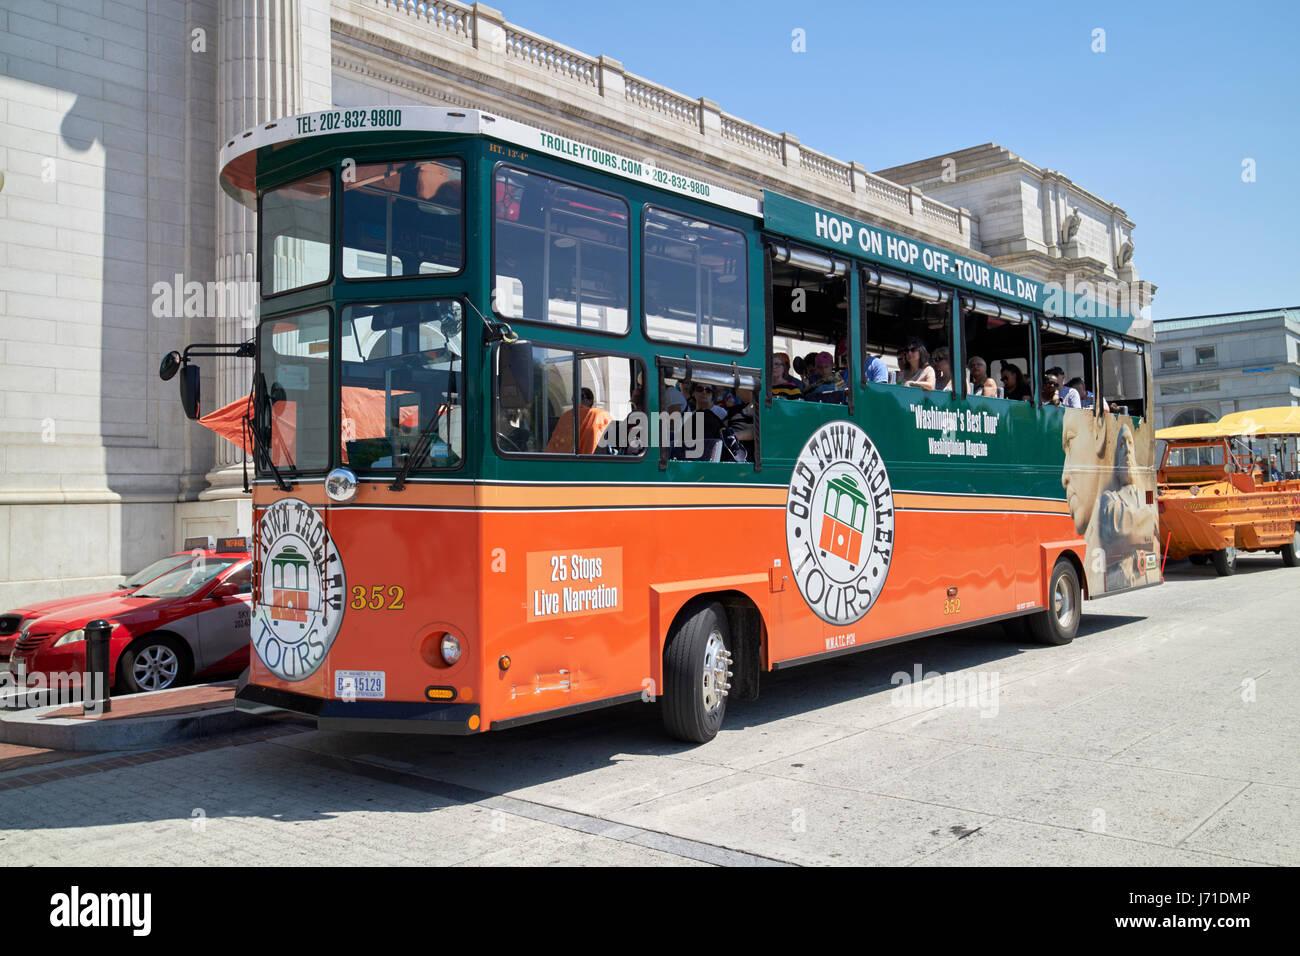 old town trolley tour Washington DC USA - Stock Image